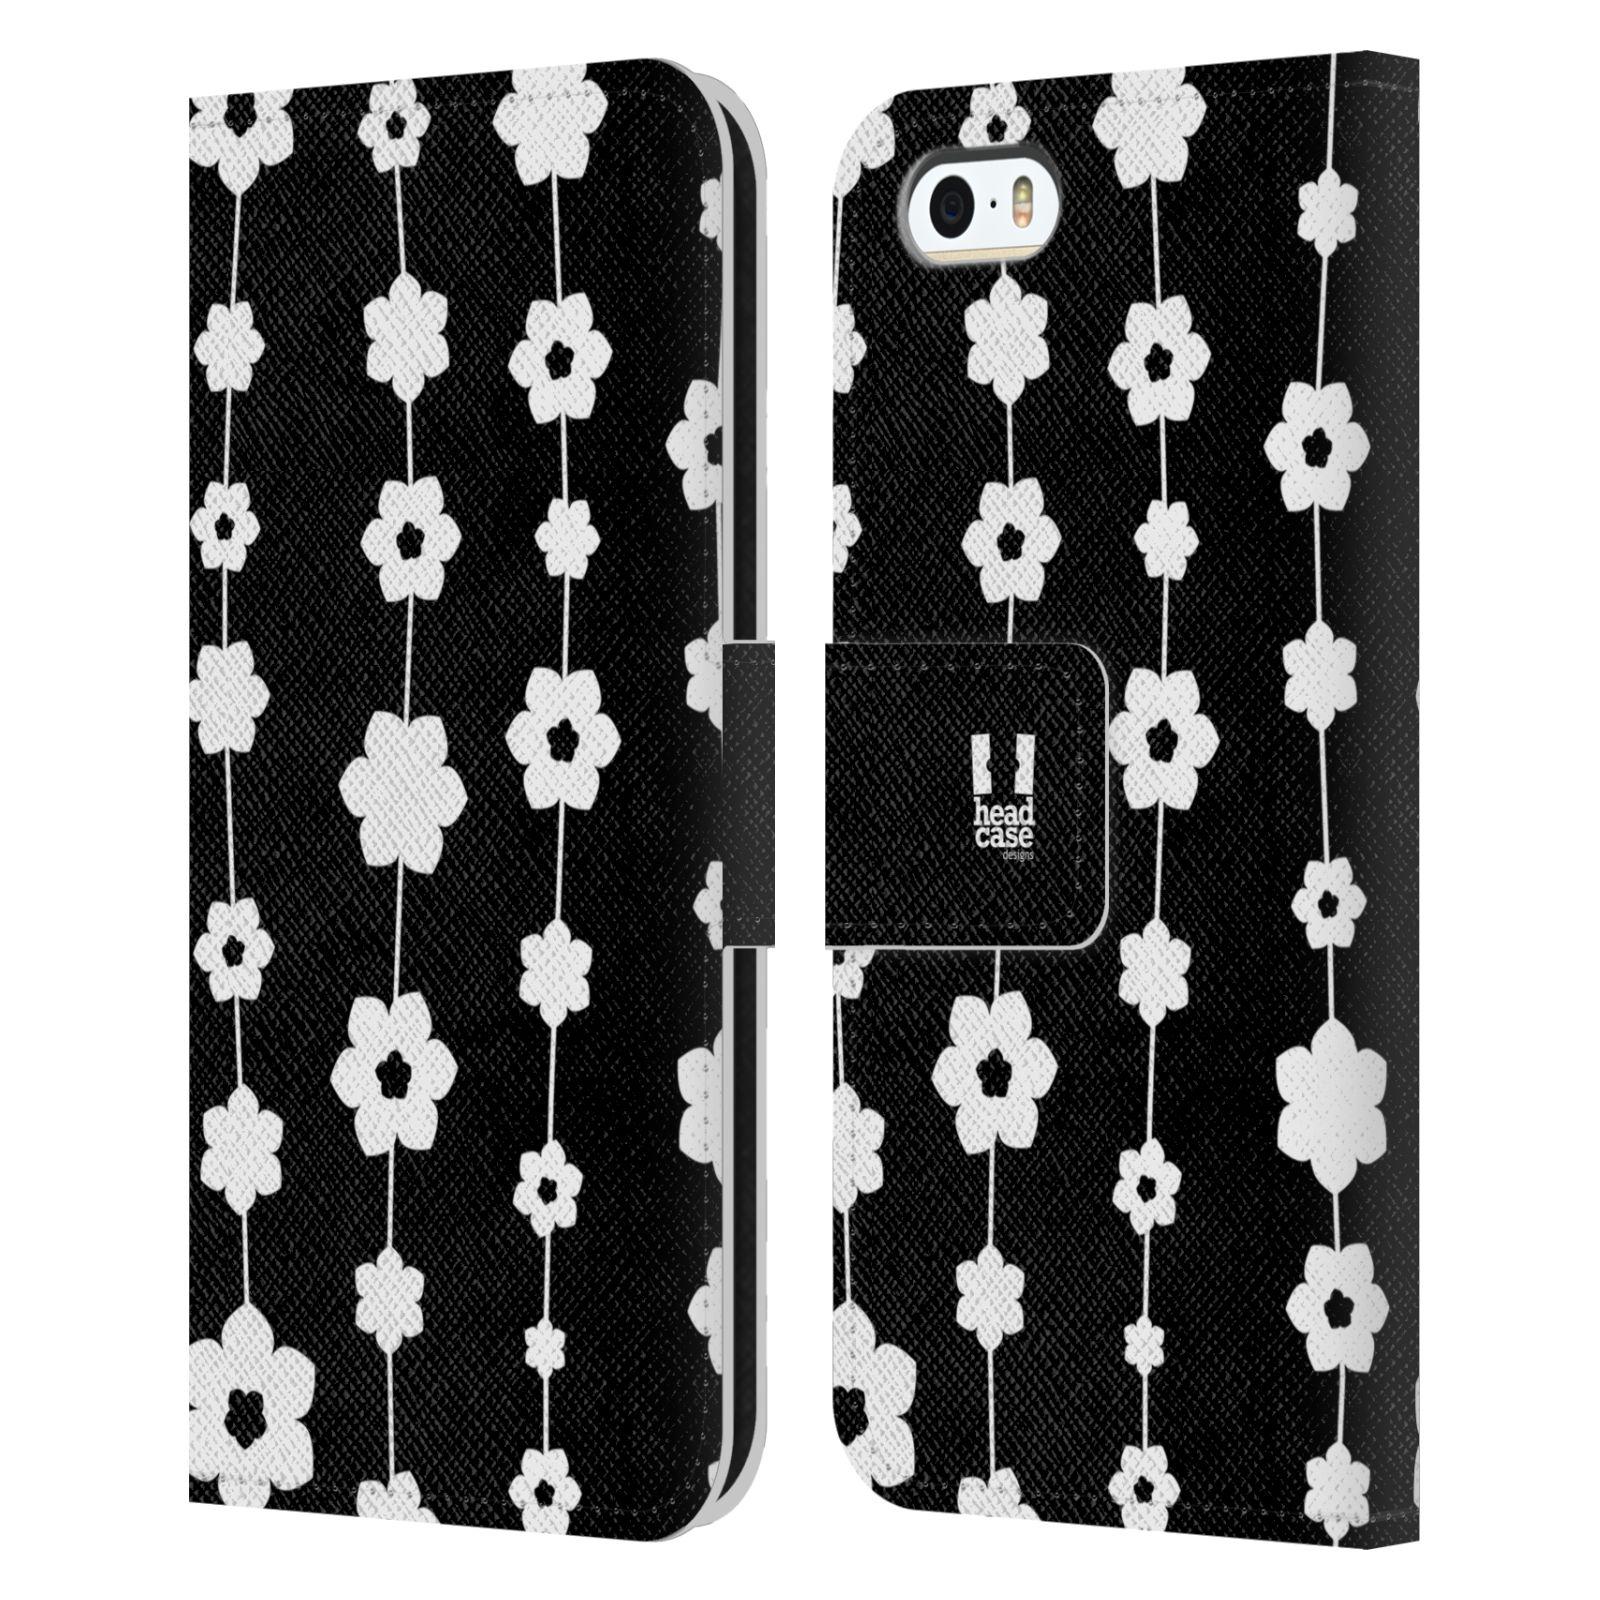 HEAD CASE Flipové pouzdro pro mobil Apple Iphone 5/5s ČERNOBÍLÁ KVĚTINA řetězec